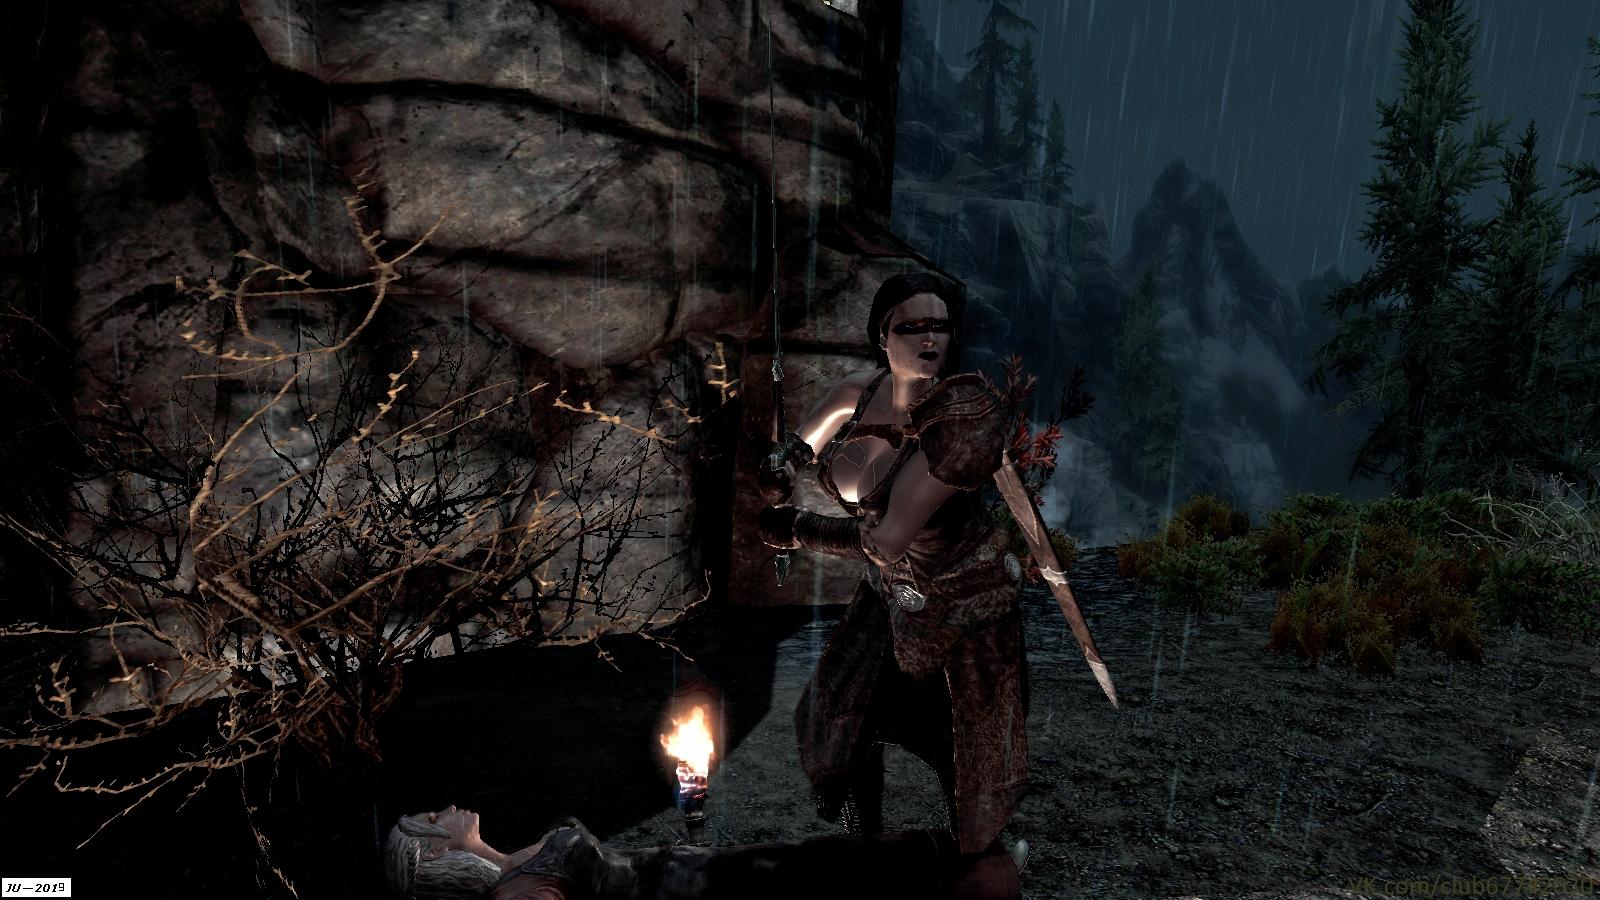 """Из серии """"Разбойники Скайрима"""" ... - Elder Scrolls 5: Skyrim, the разбойник"""